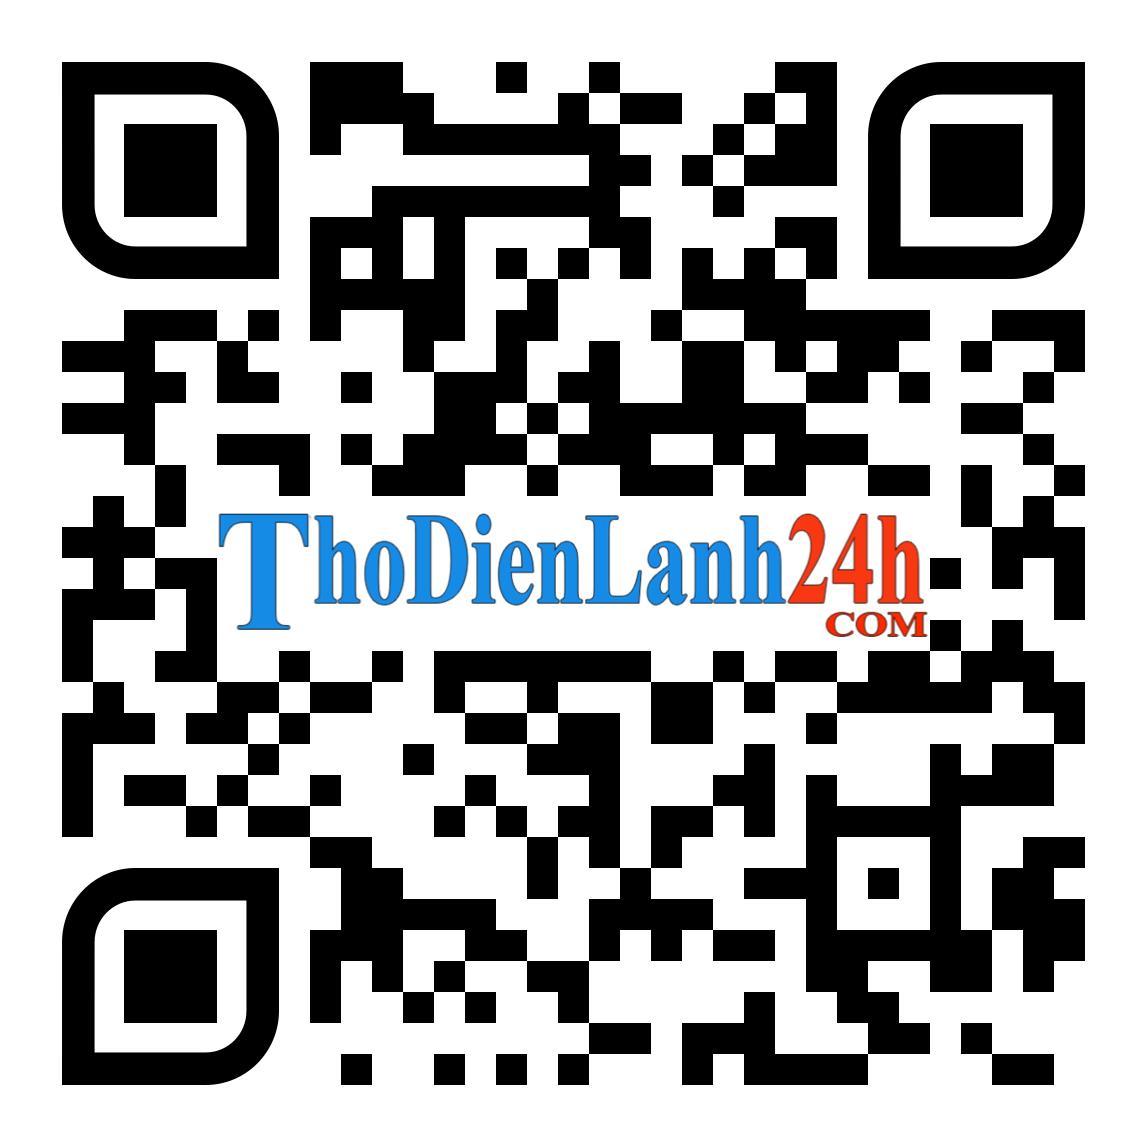 thodienlanh24h com qr code